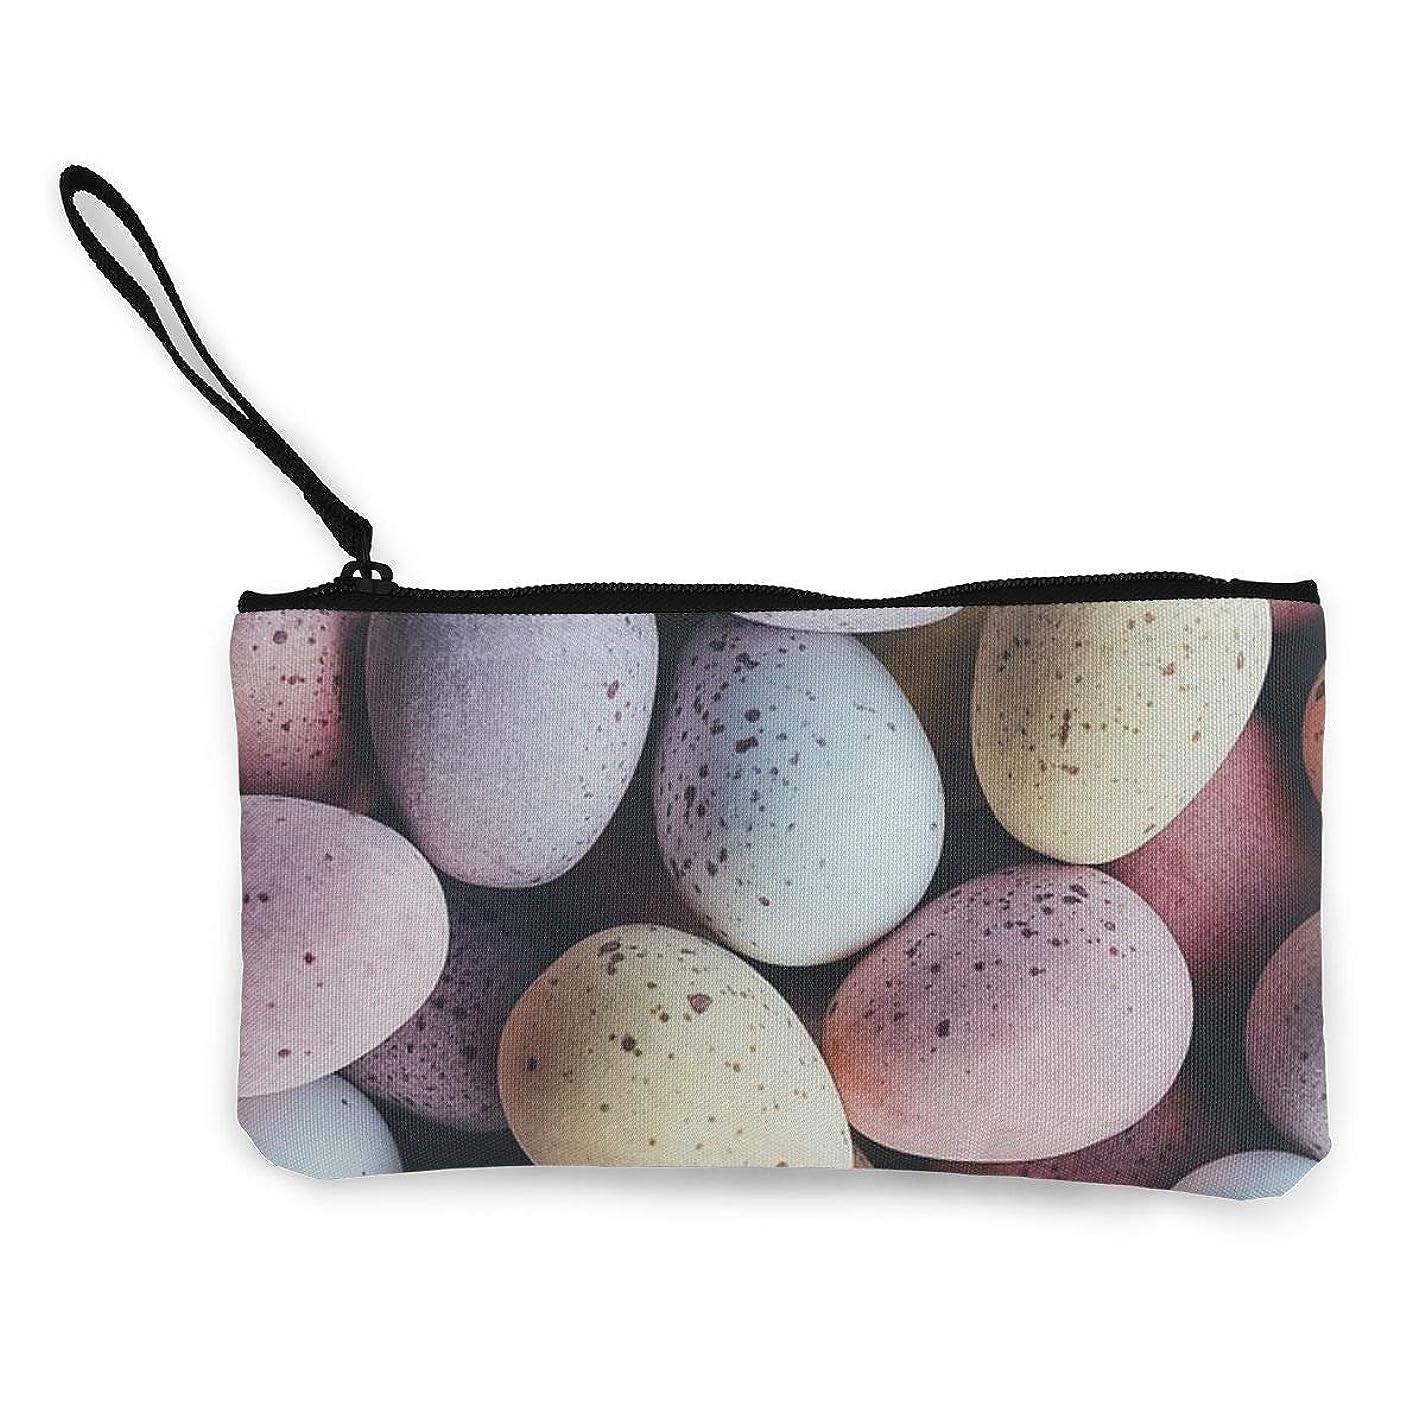 ケント永遠にふくろうErmiCo レディース 小銭入れ キャンバス財布 卵 イースターエッグ 小遣い財布 財布 鍵 小物 充電器 収納 長財布 ファスナー付き 22×12cm